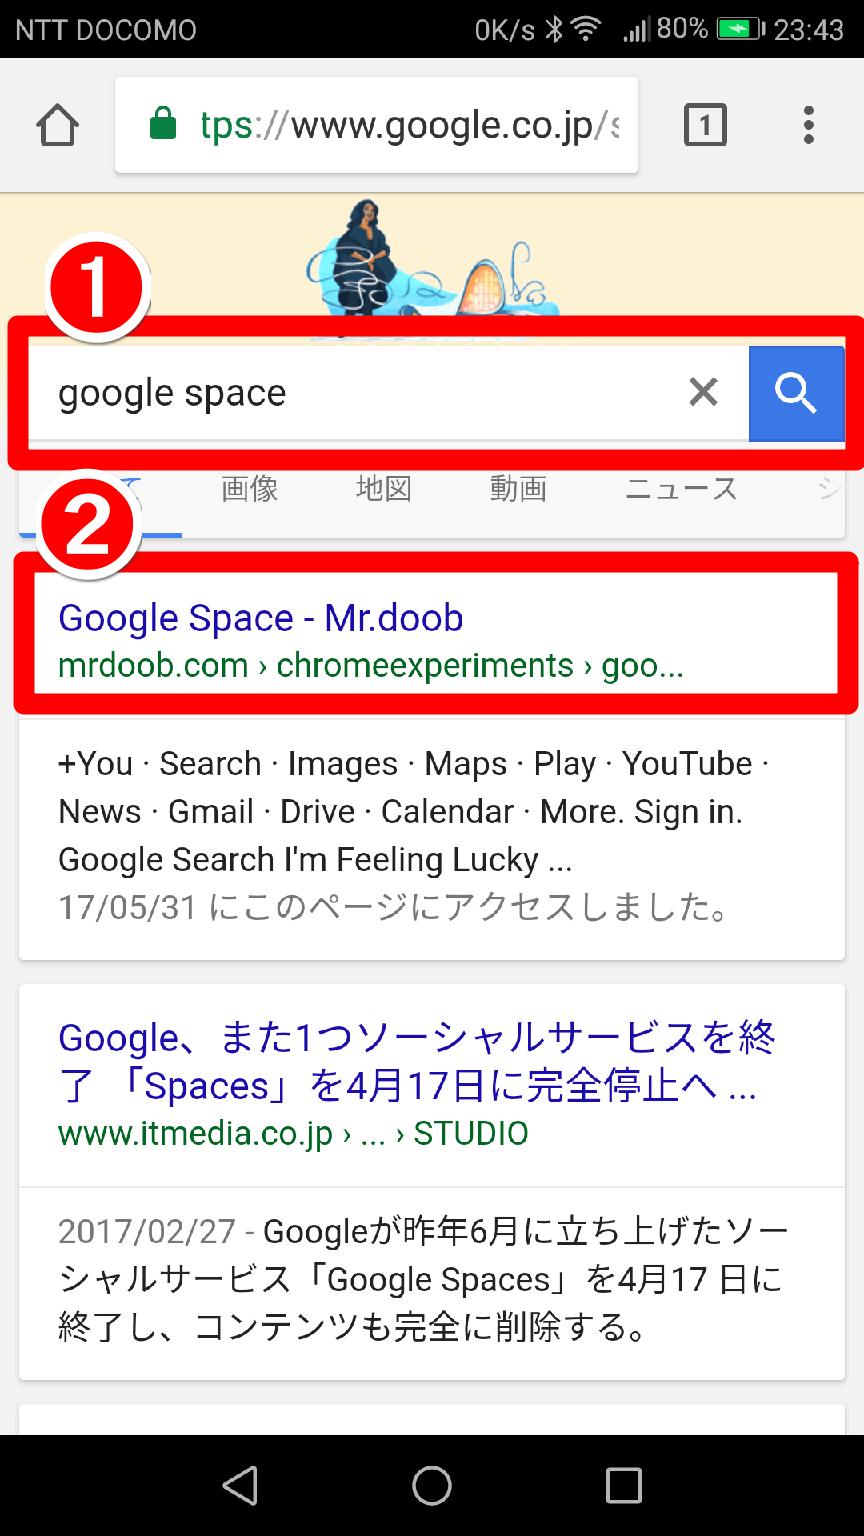 グーグルで「google space」を検索した結果その1